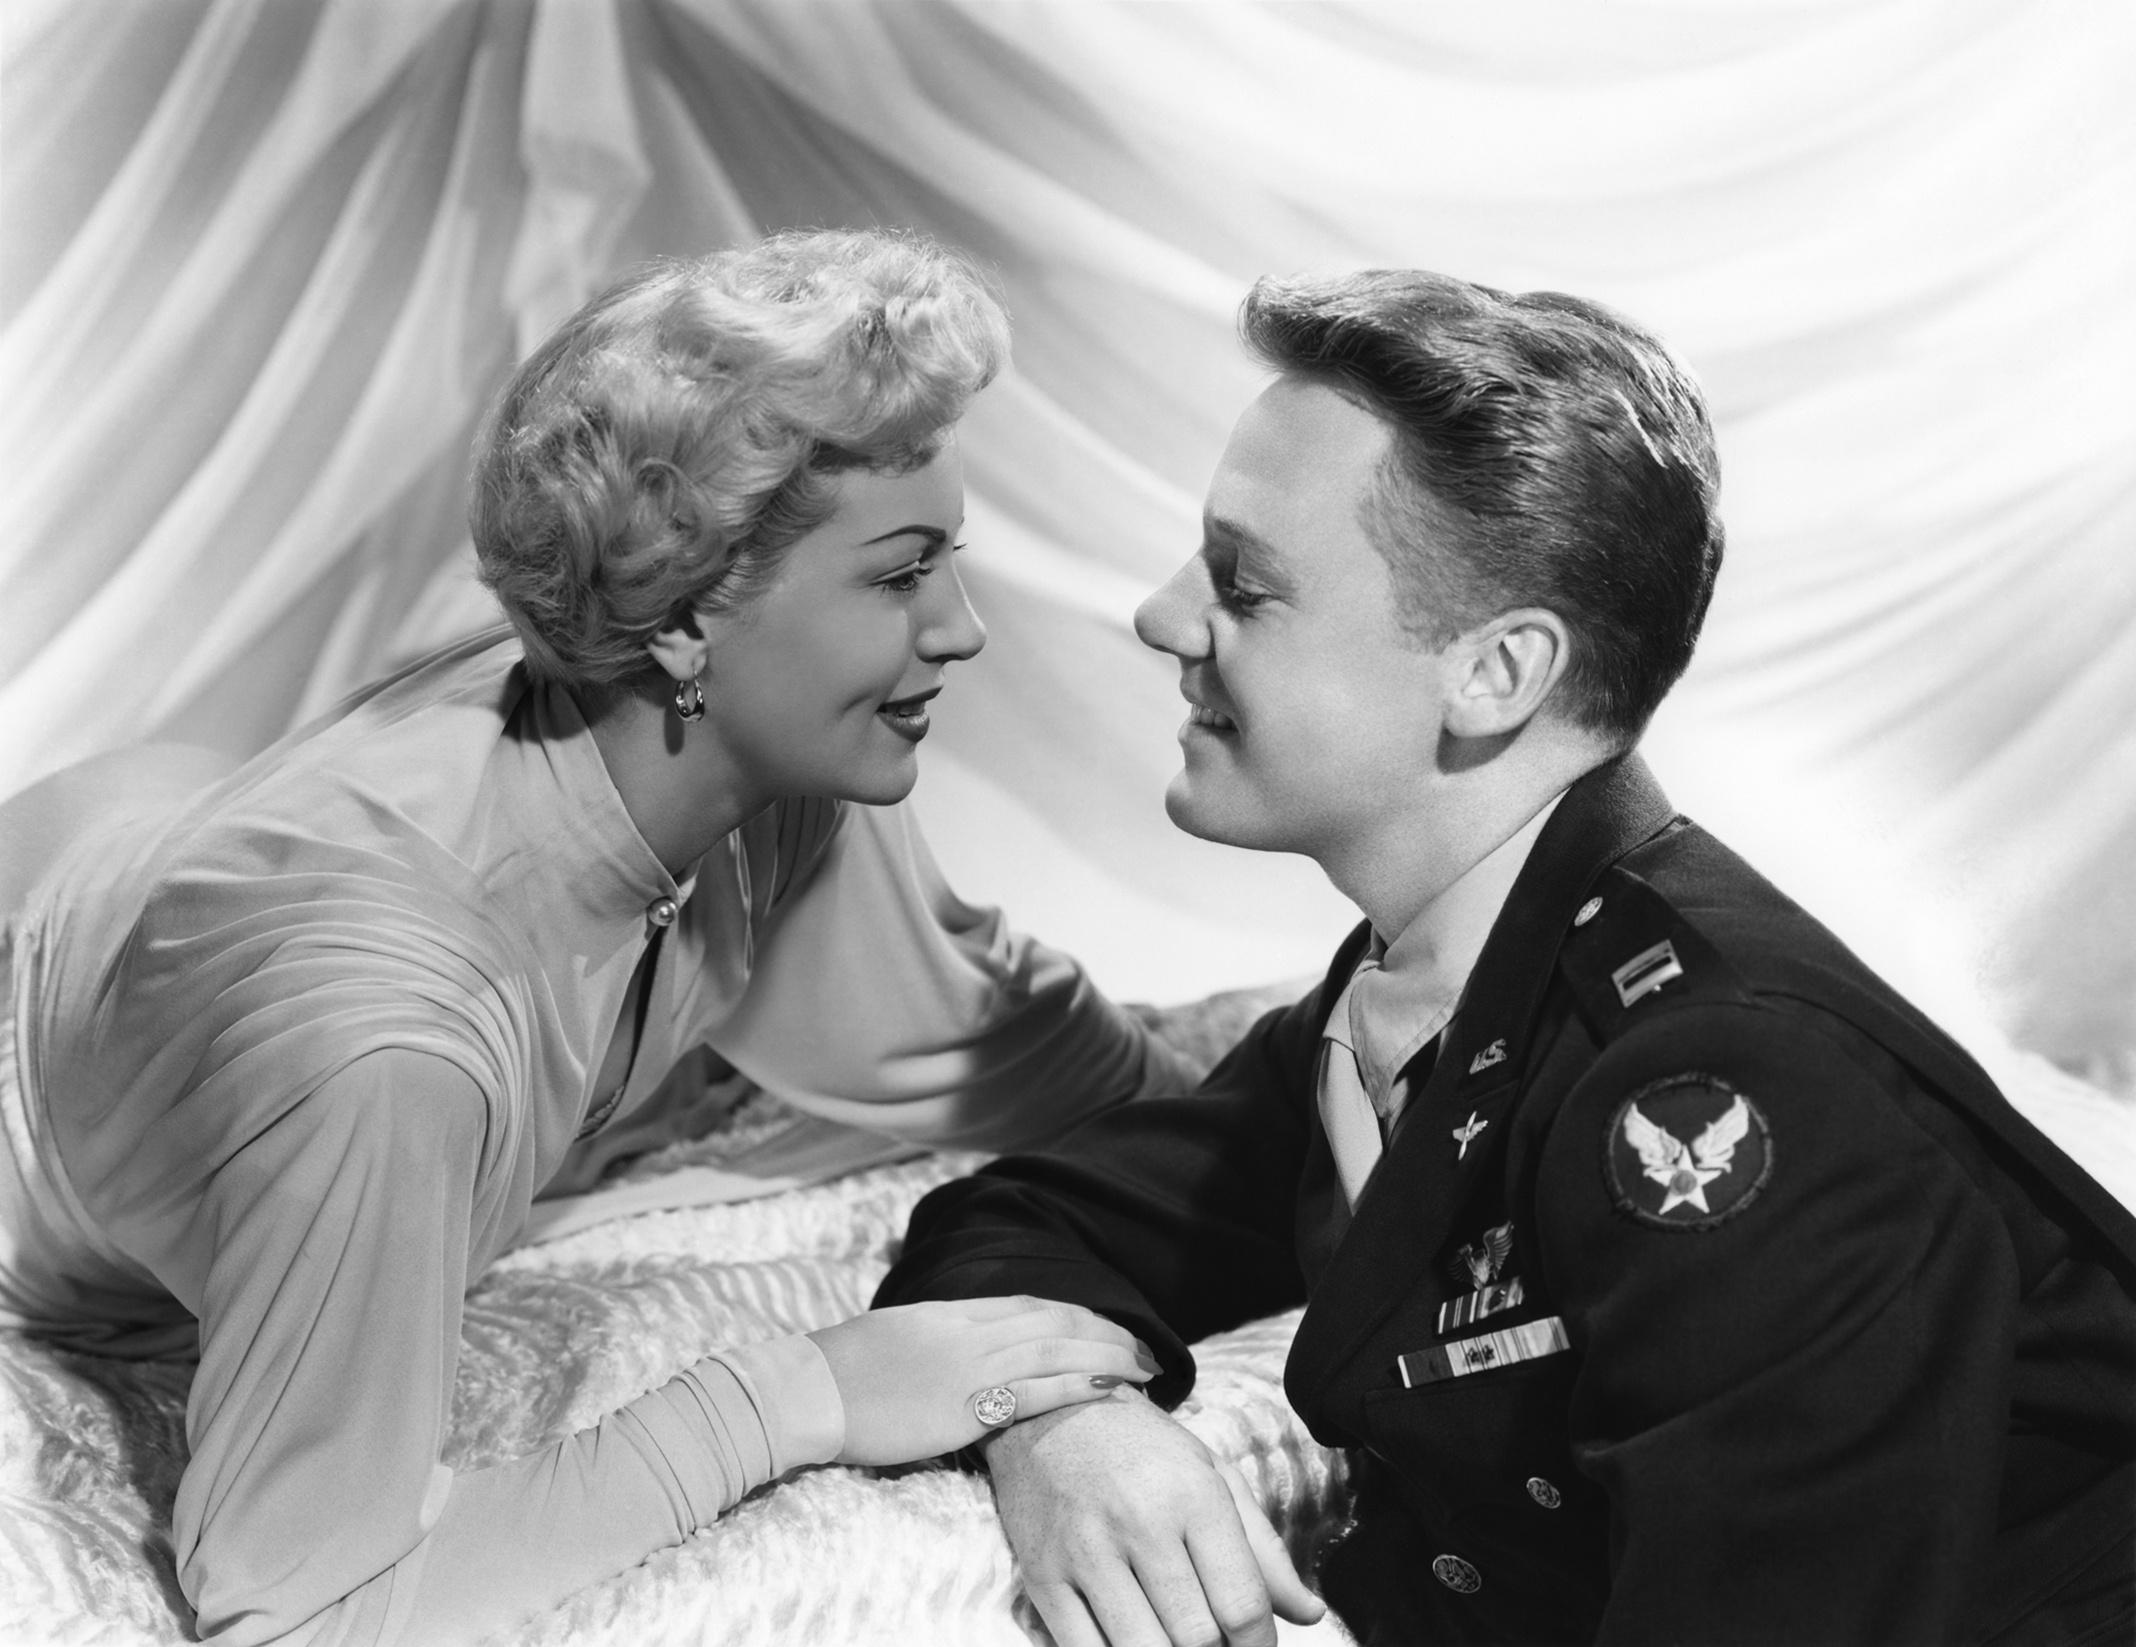 Week-end at the Waldorf (1945)